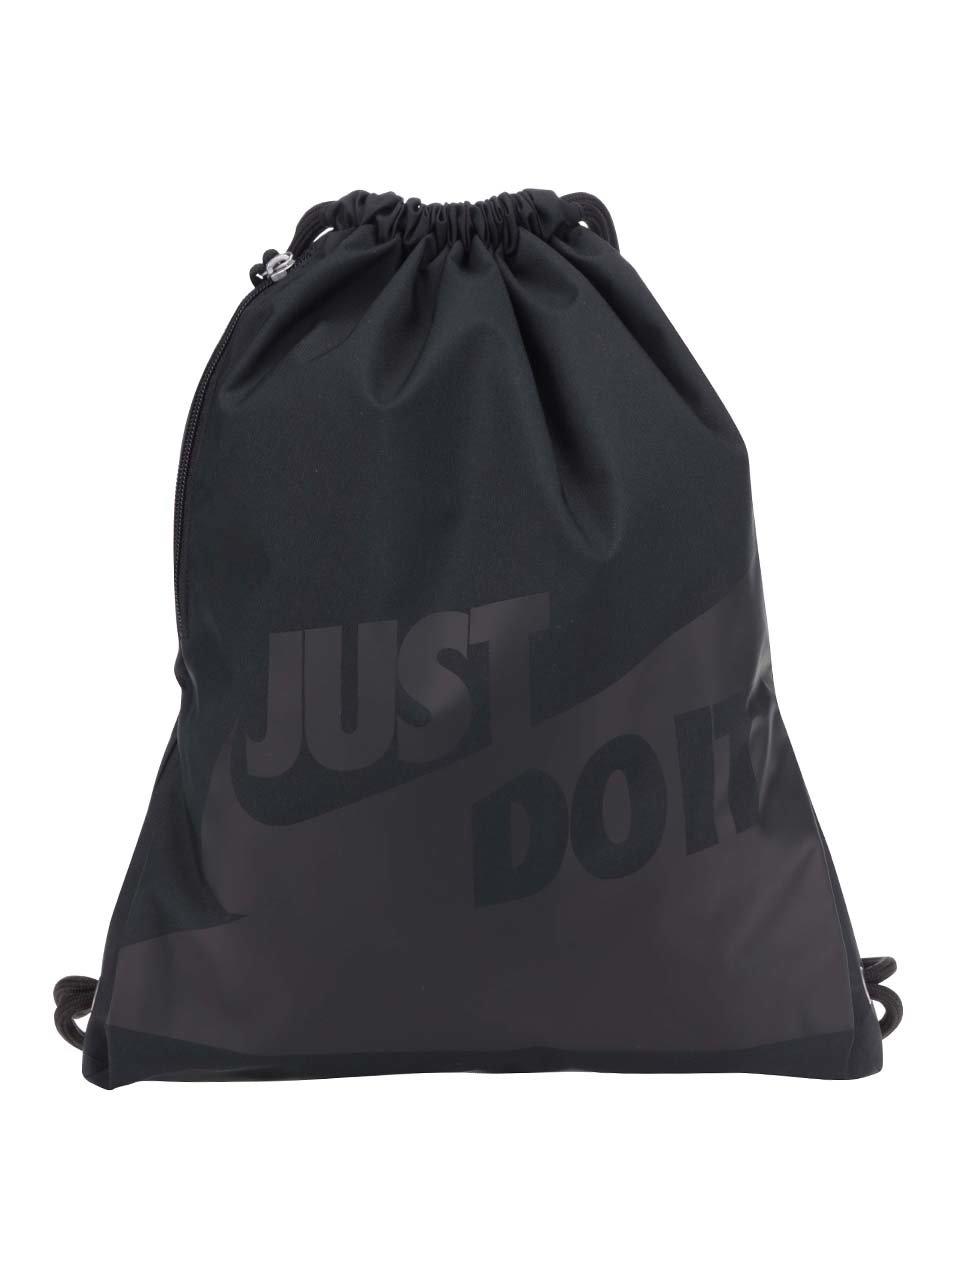 Černý unisex vak s potiskem a kapsou Nike